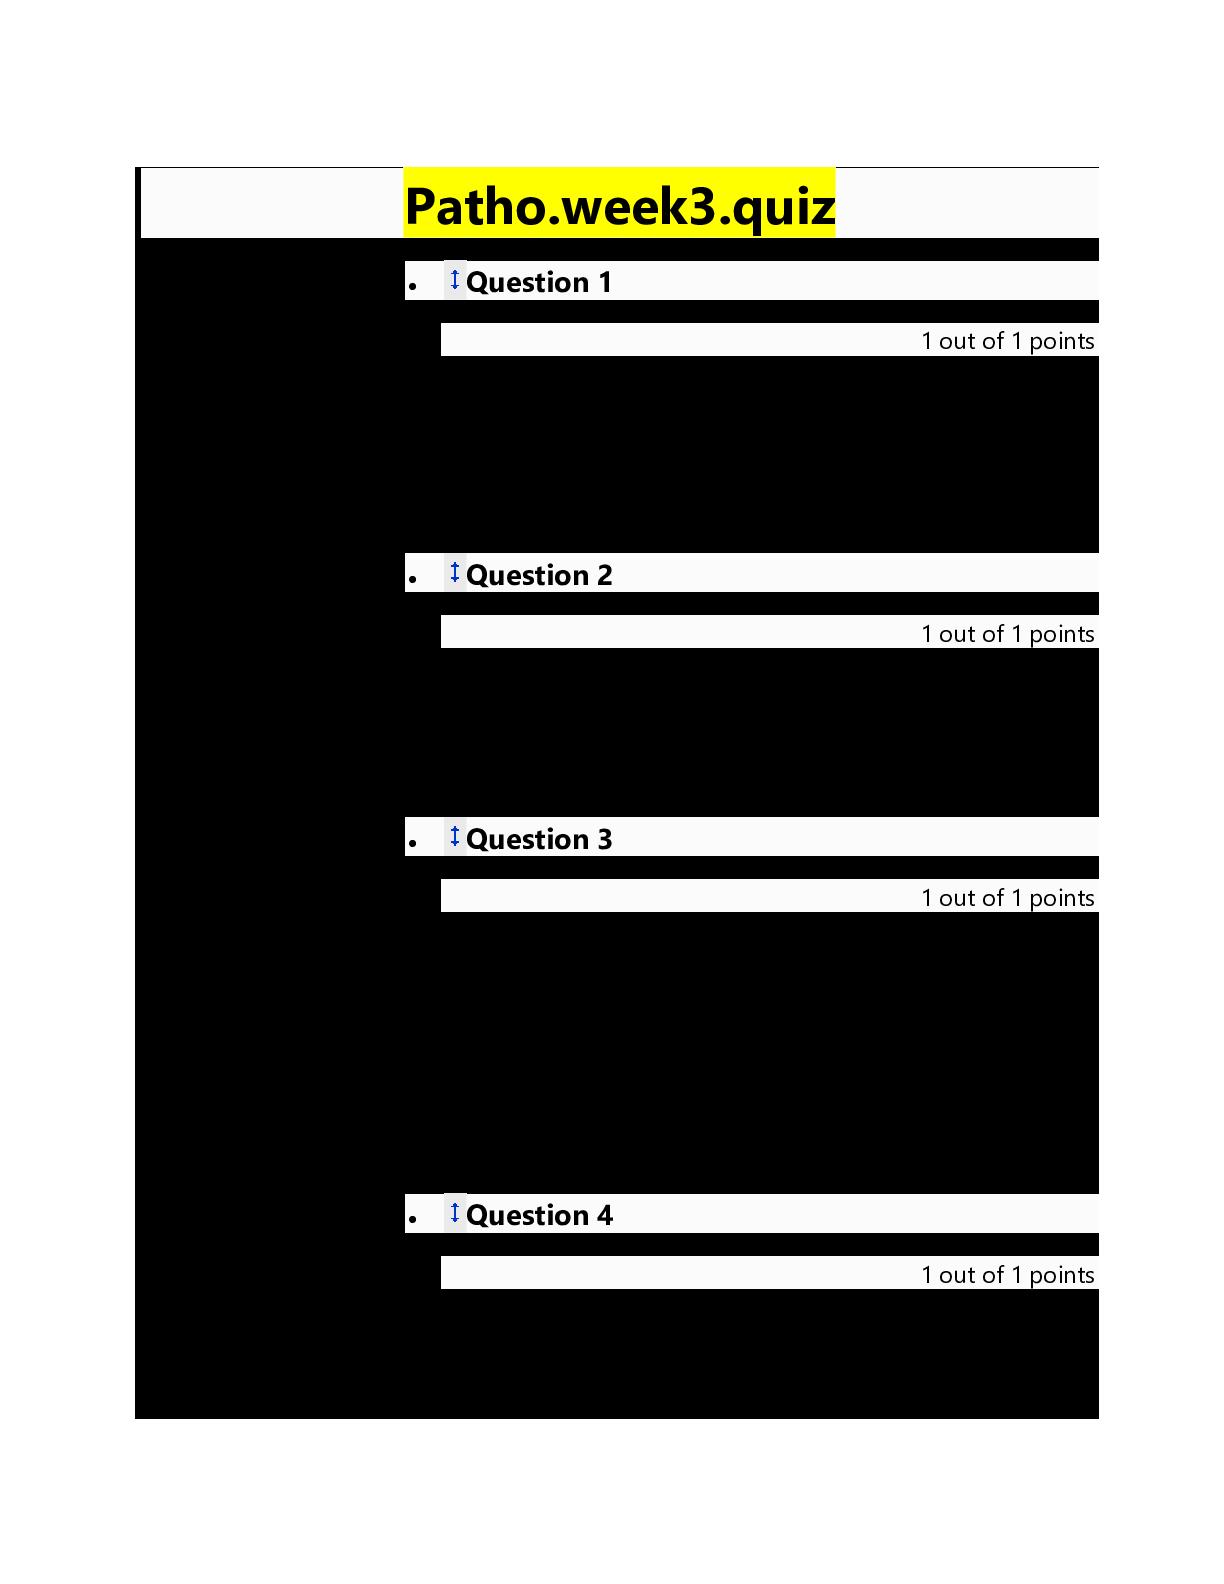 Photo of WaldenNURS 6501N / NURS6501N/ NURSING6501N patho.week3.quiz/ NURSING 6501N patho.week3.quiz